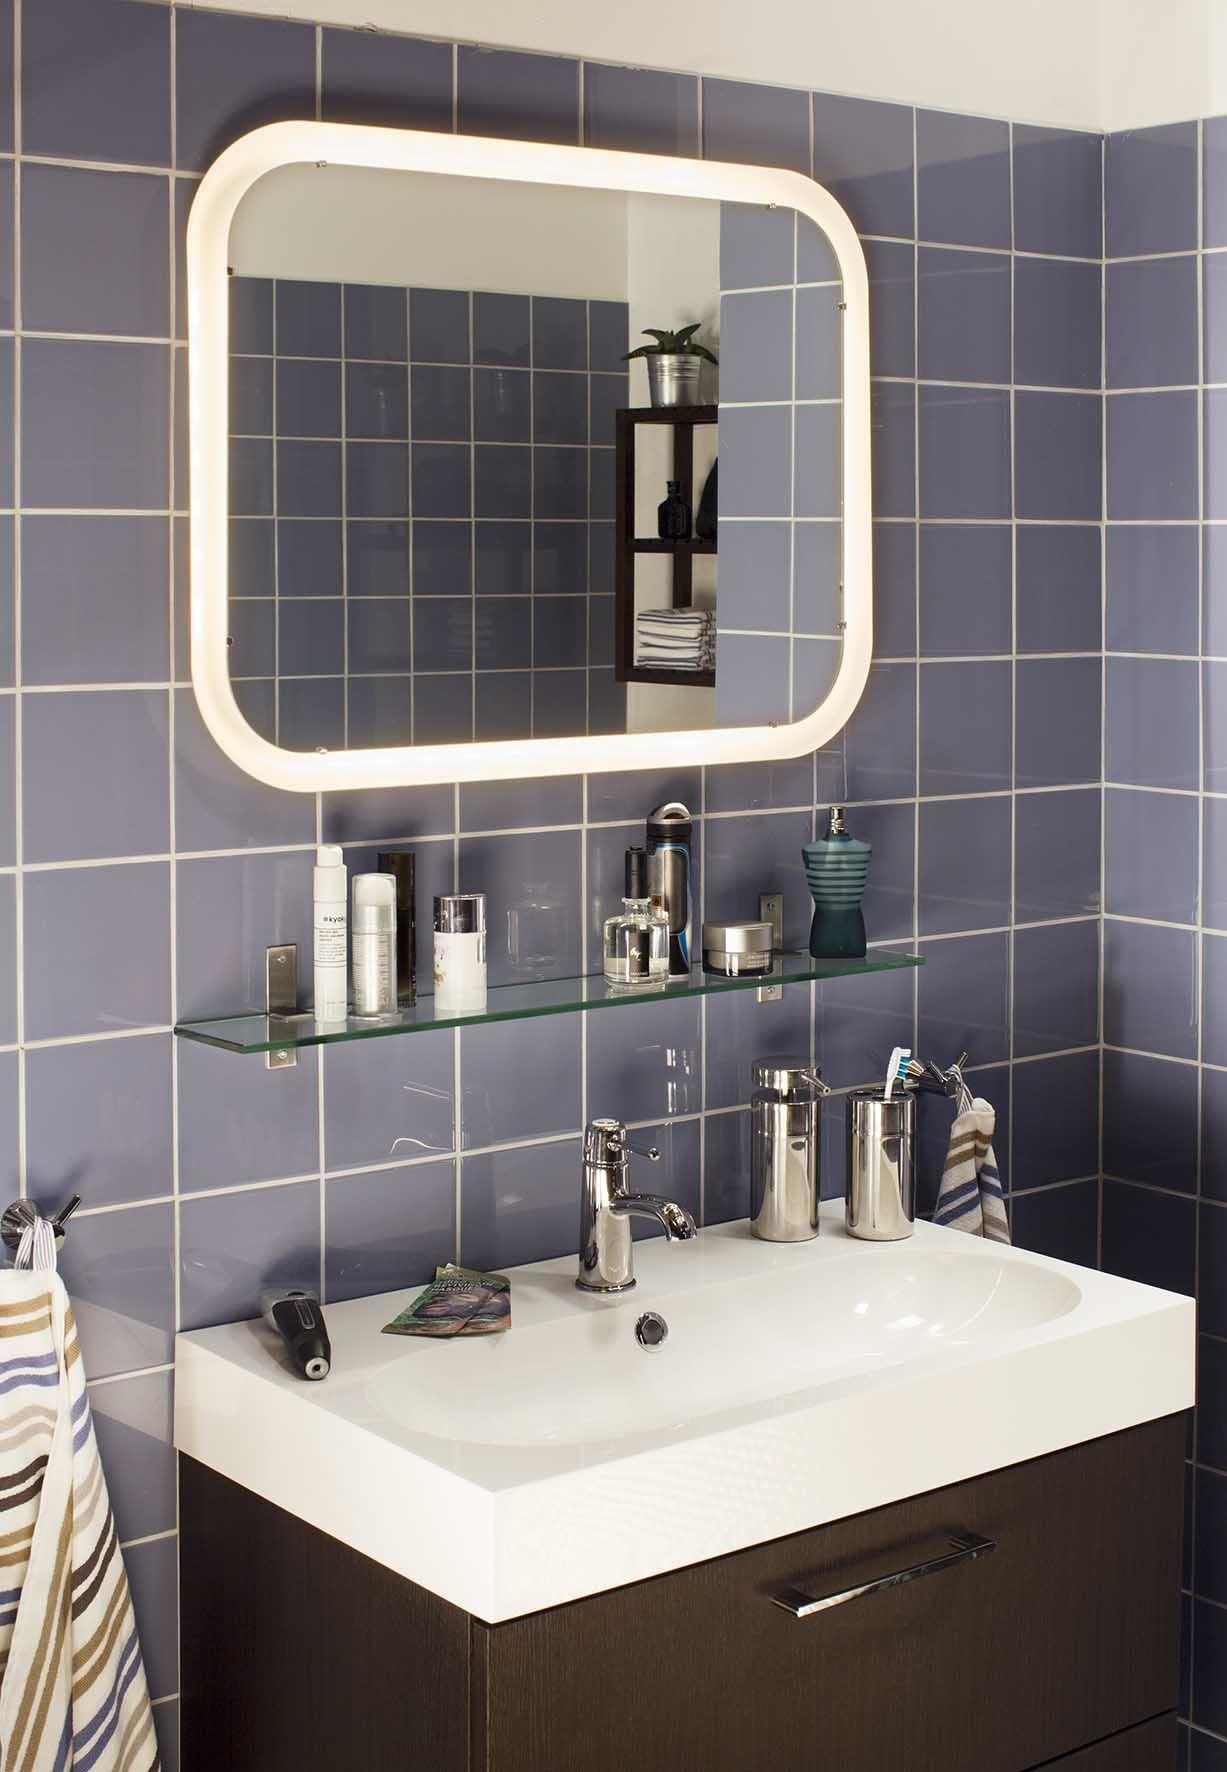 Storjorm spiegel m ge ntegreerde verlichting wit toilet bath room and bath - Ikea appliques verlichting ...